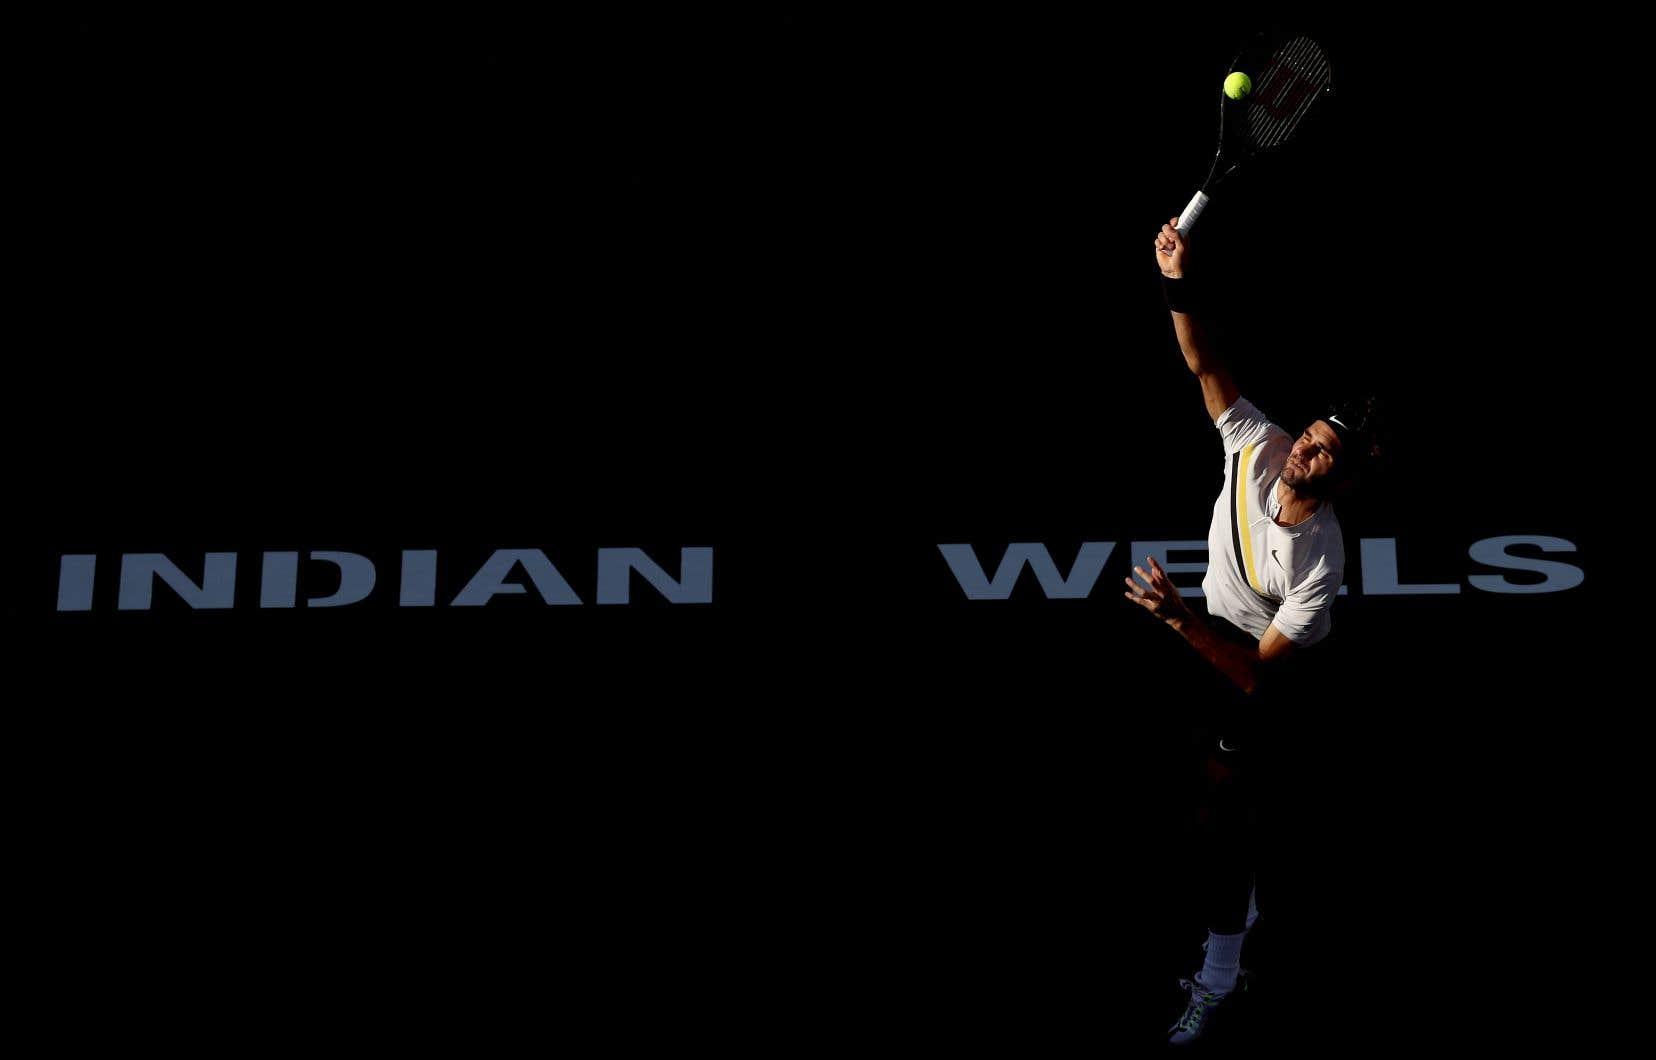 Federer a eu le dessus sur le Français Jérémy Chardy en deux manches de 7-5, 6-4 pour passer en quarts de finale.